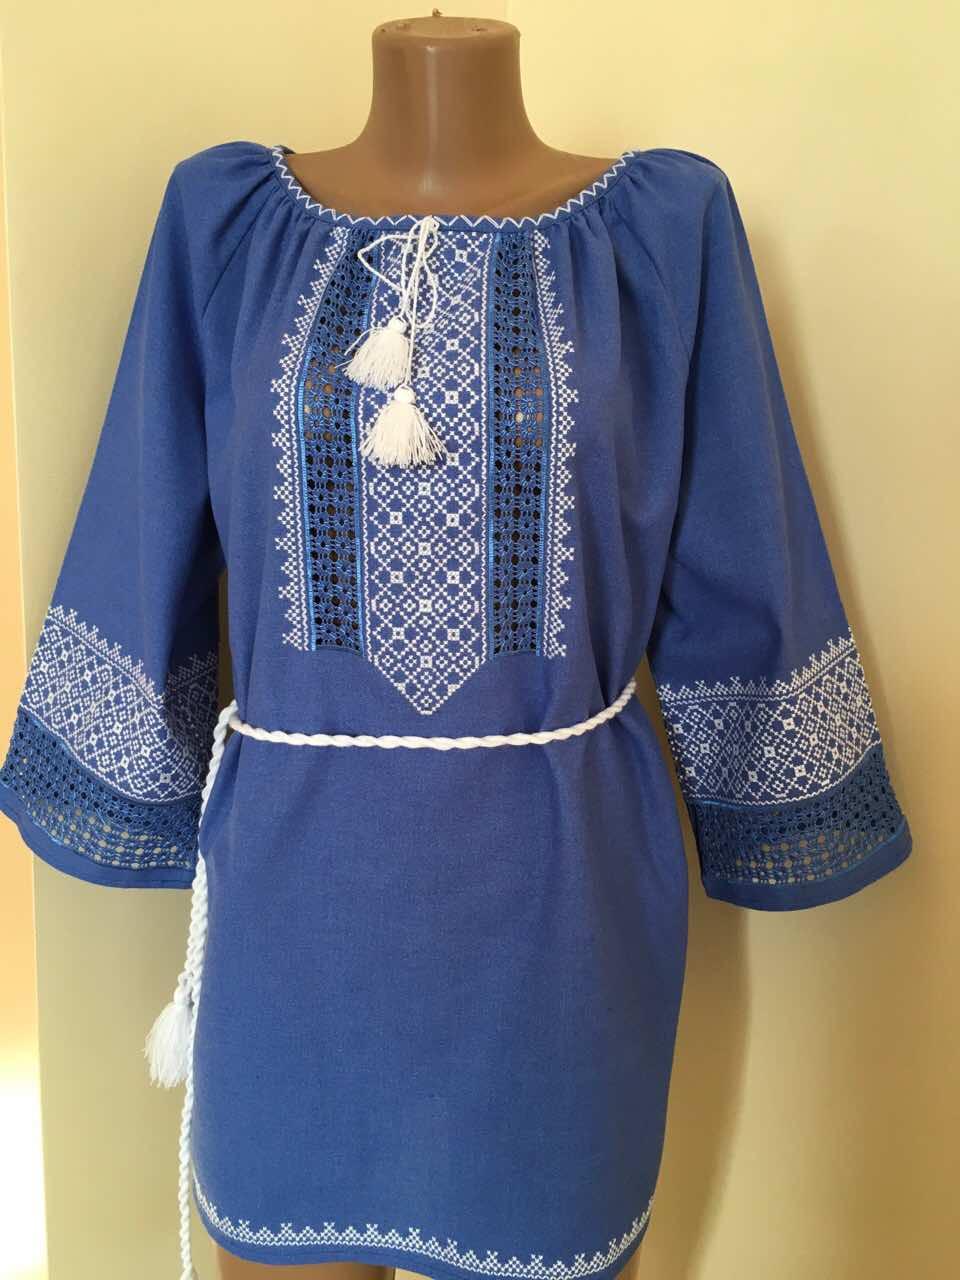 Синє вишите плаття ручної роботи на домотканому полотні з мережкою -  Скарбниця Карпат- інтернет магазин 268a7ef3a2f4f